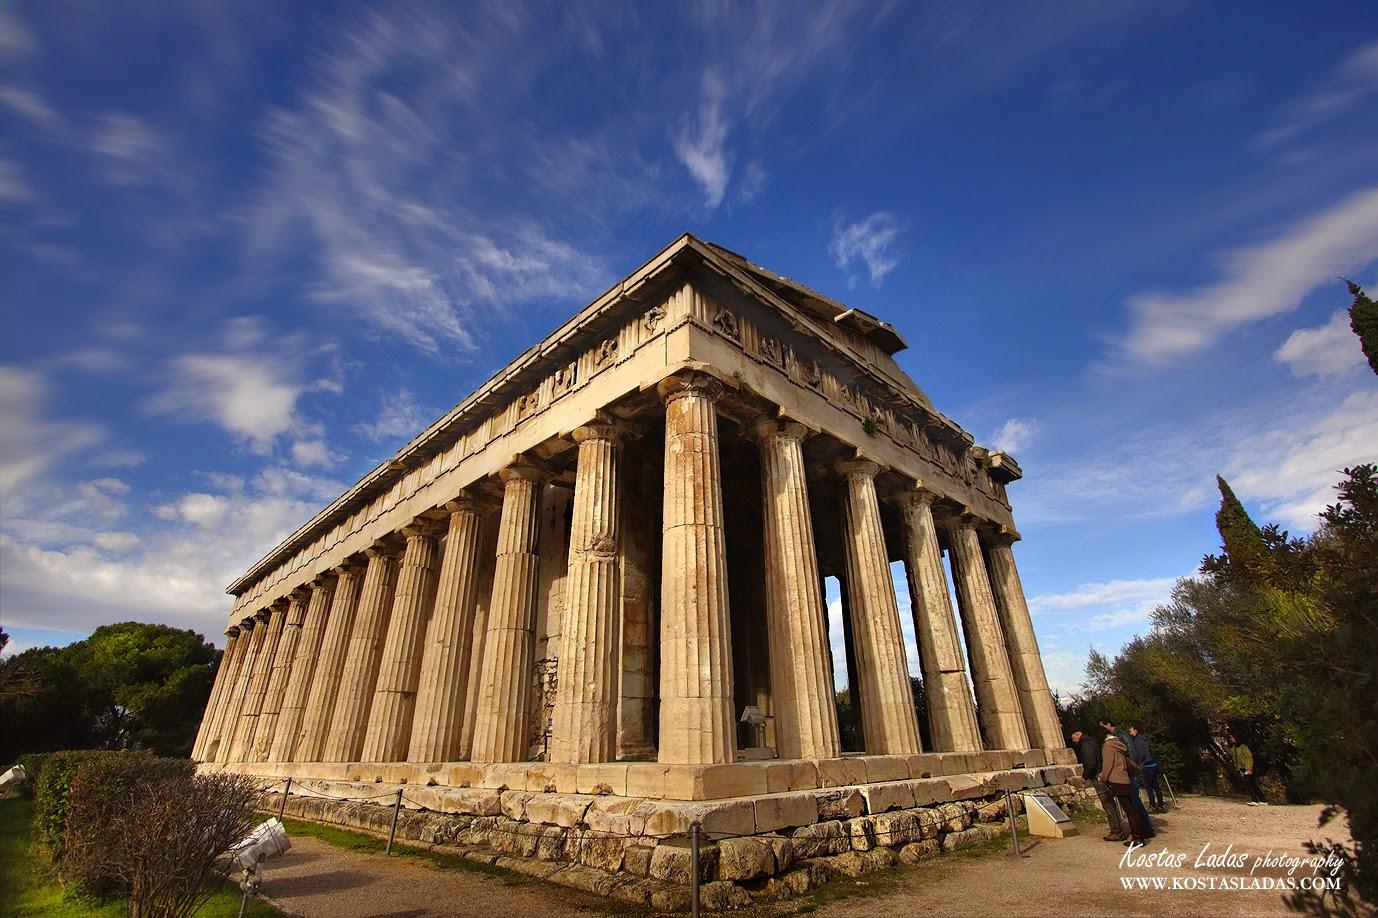 Αρχαια αγορα, Αθηνα,μουσεια,τουρισμος,αξιοθεατα